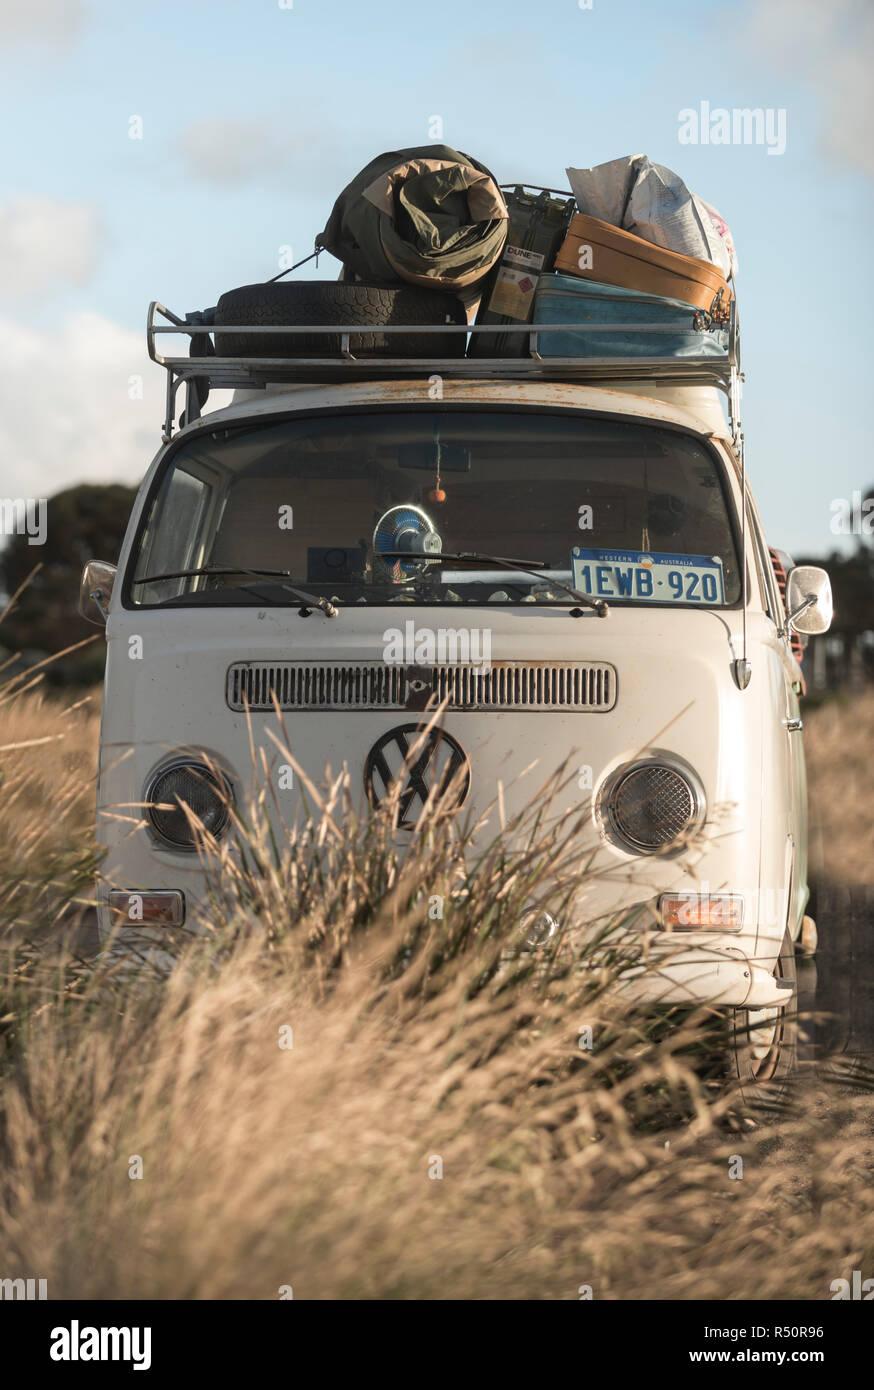 Traveling in an vintage van, Volkswagen Stock Photo